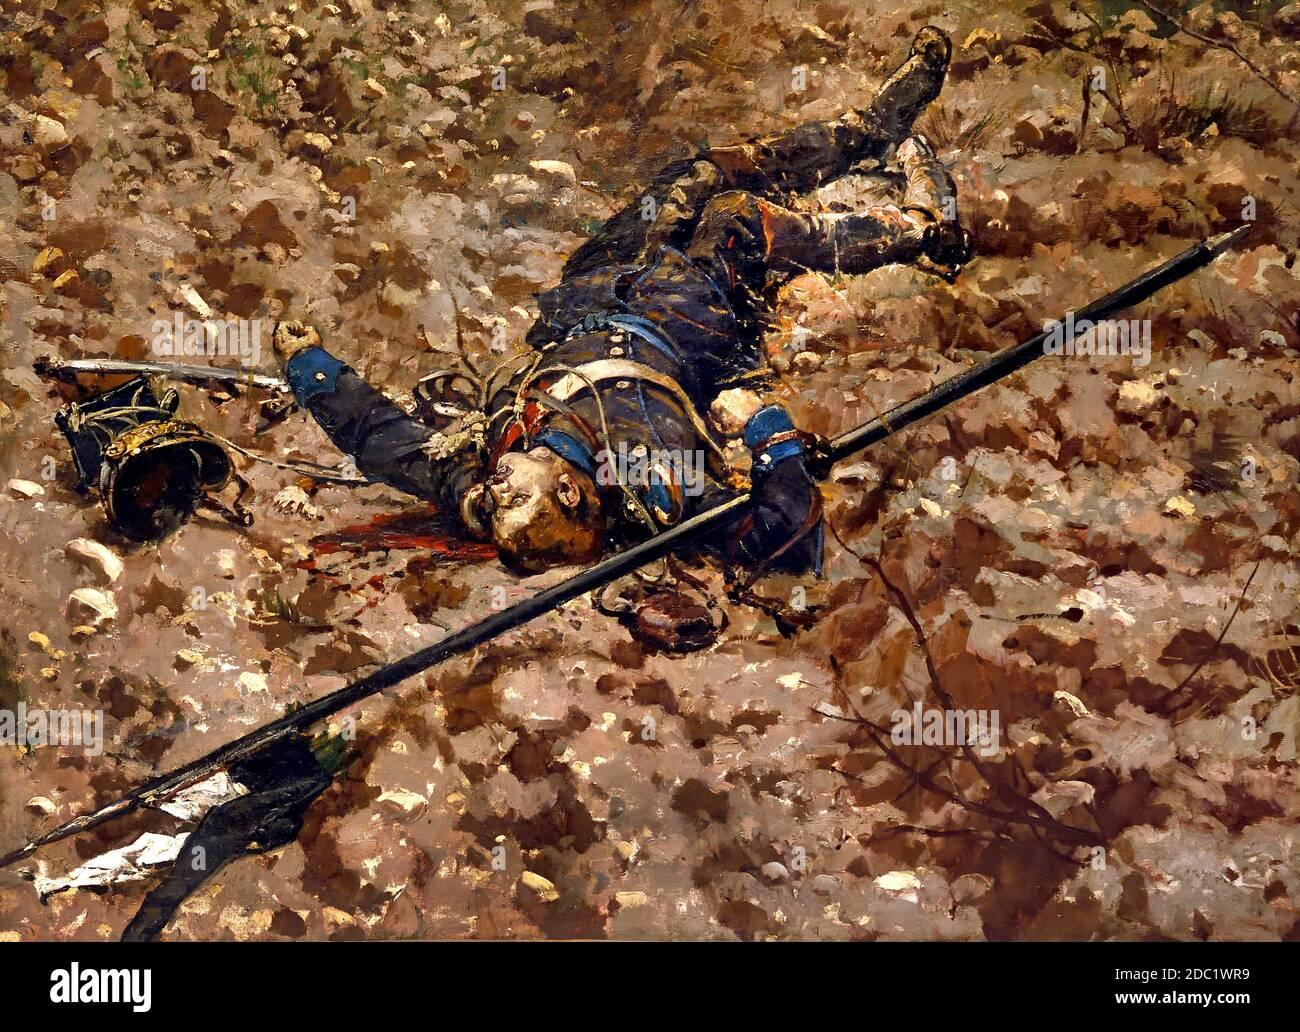 Muerto Uhlan 16 regimiento (Altmark) y cruissier del 7º regimiento, de Von Bredow Brigada. Jean-Baptiste Édouard Detaille, 1848 – 1912, Alphonse de Neuville, 1835-1885, Francia, francés, alemán, Alemania, ( Batalla de Rezonville agosto de 1870 ) Foto de stock